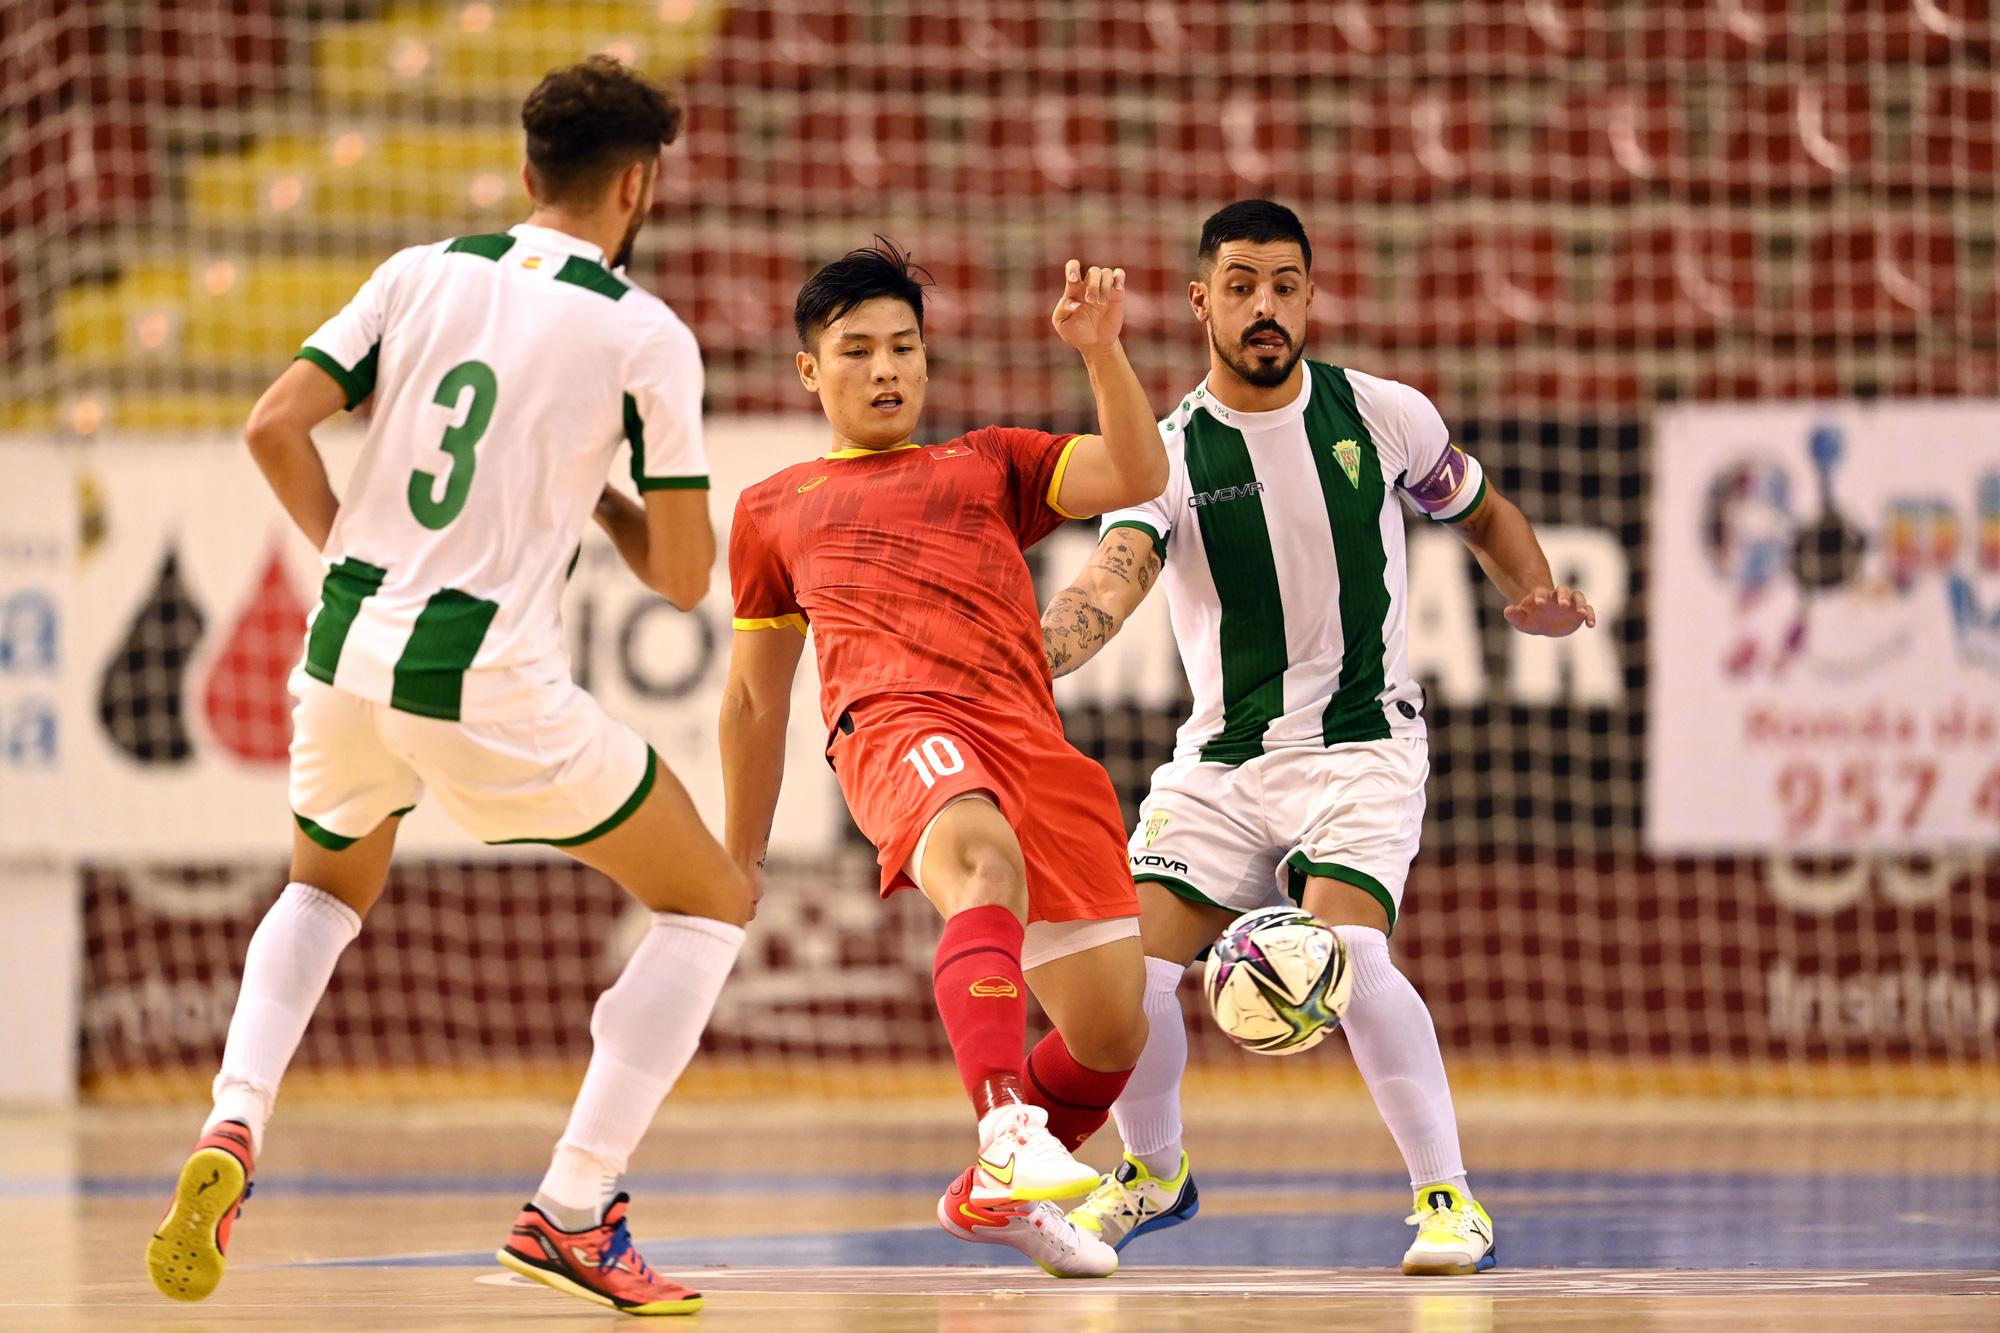 Vượt mặt Duy Mạnh, Đức Huy,... Vũ Đức Tùng góp mặt tại VCK World Cup 2021 - Ảnh 1.